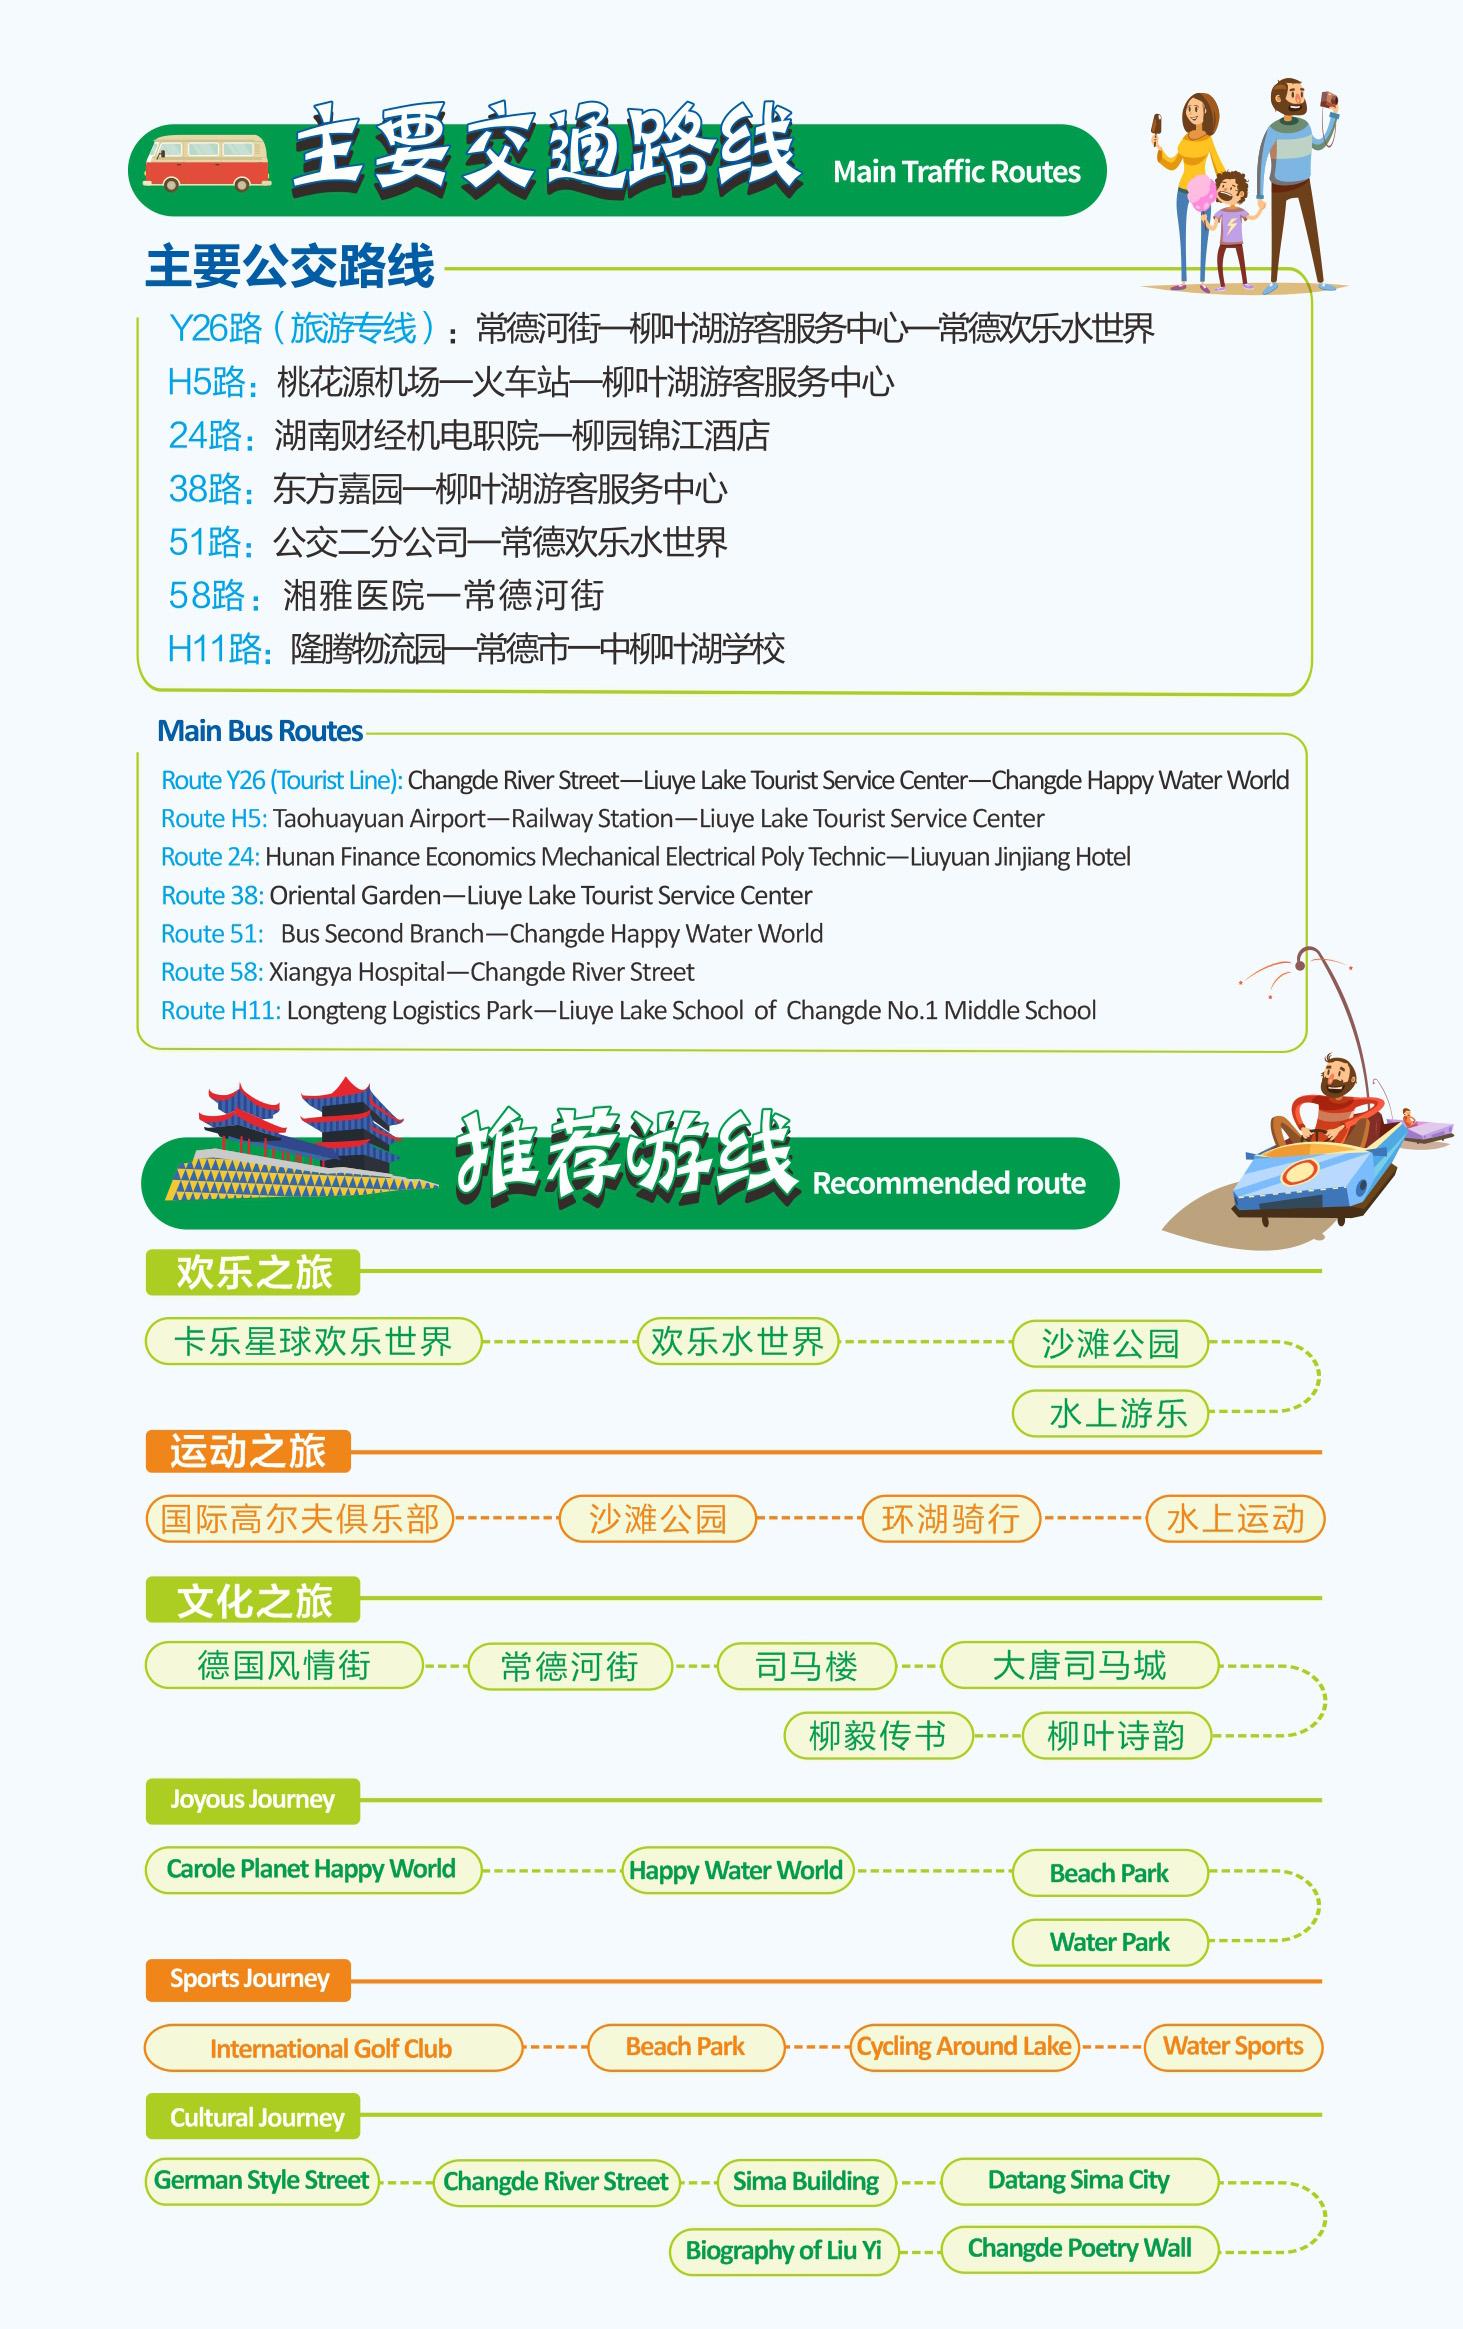 兴博旅助力柳叶湖成功创建国家级旅游度假区(图27)